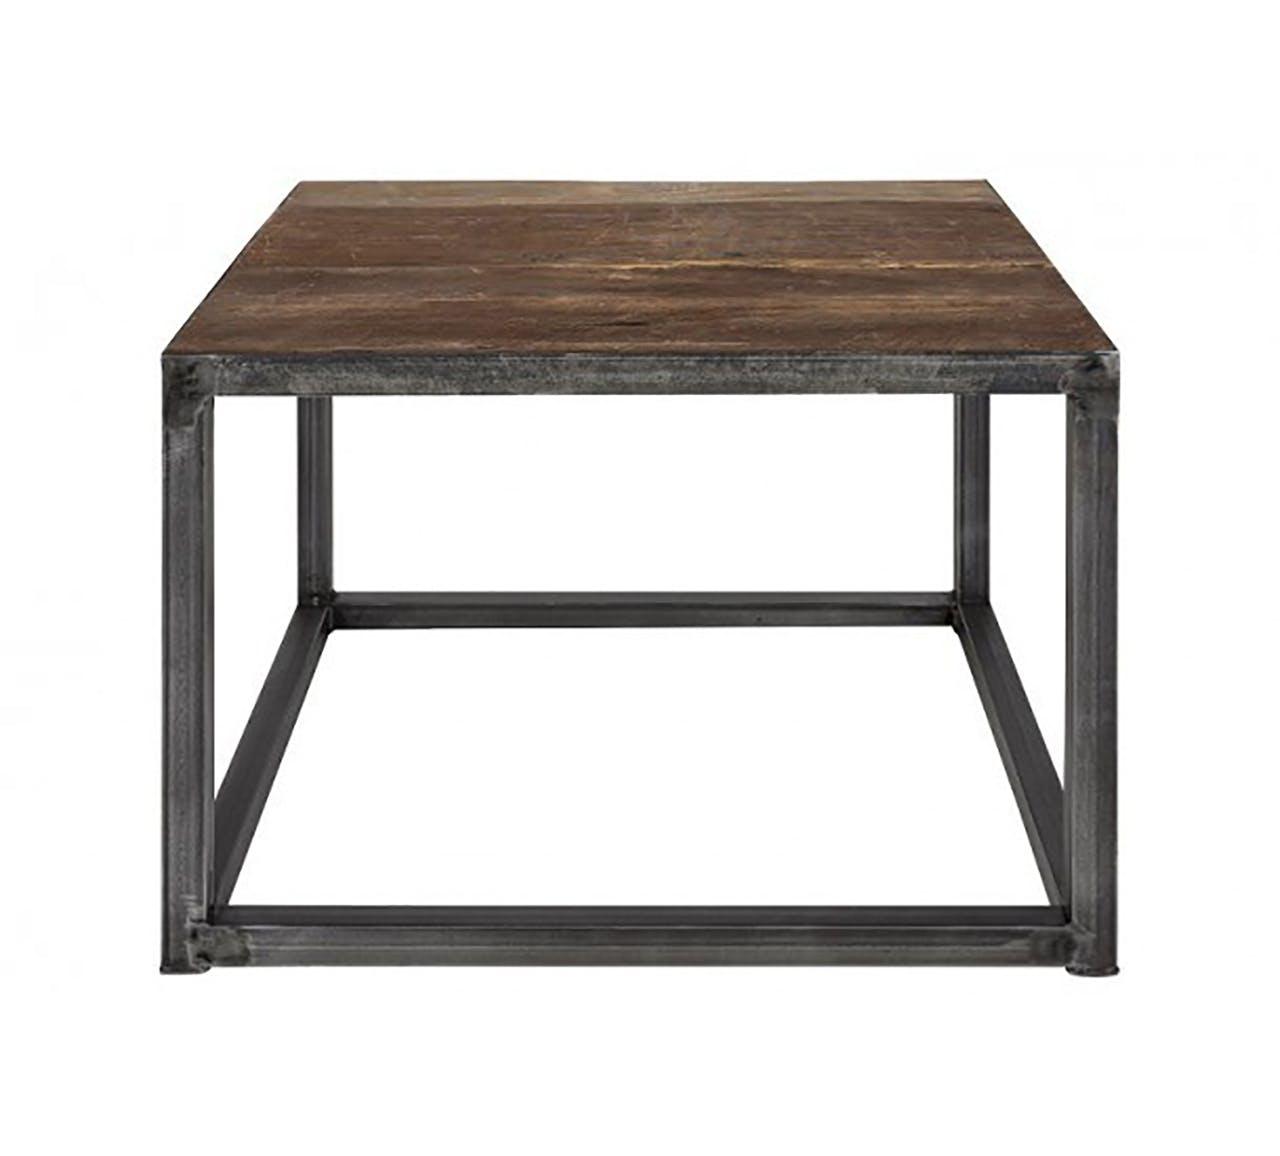 Unoliving kvadratisk bord i mørkt træ